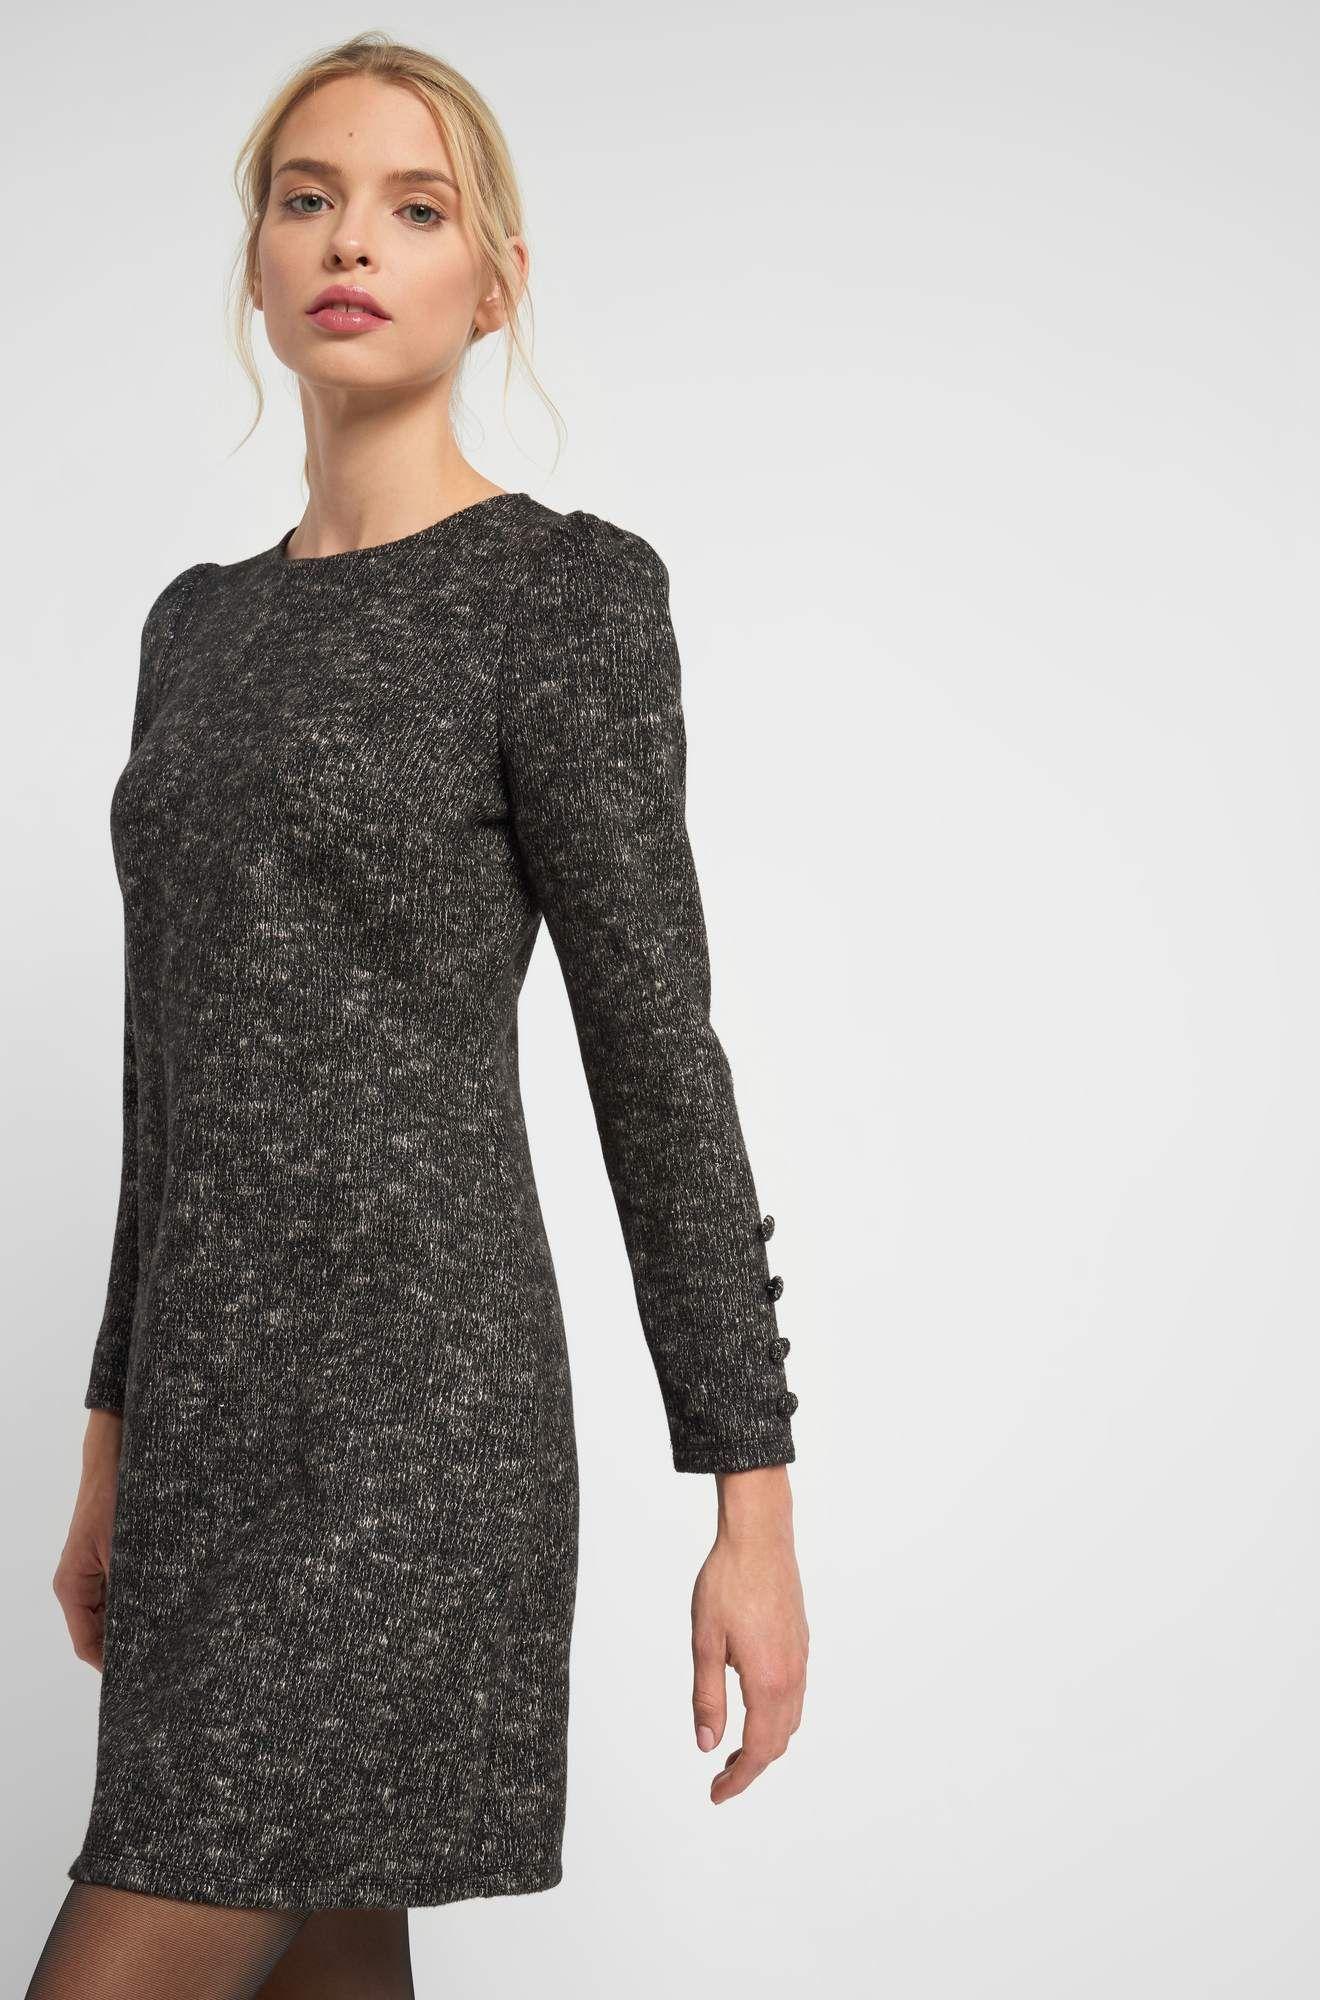 kleid in a-linie in 2020 | kleider, schicke kleider, models